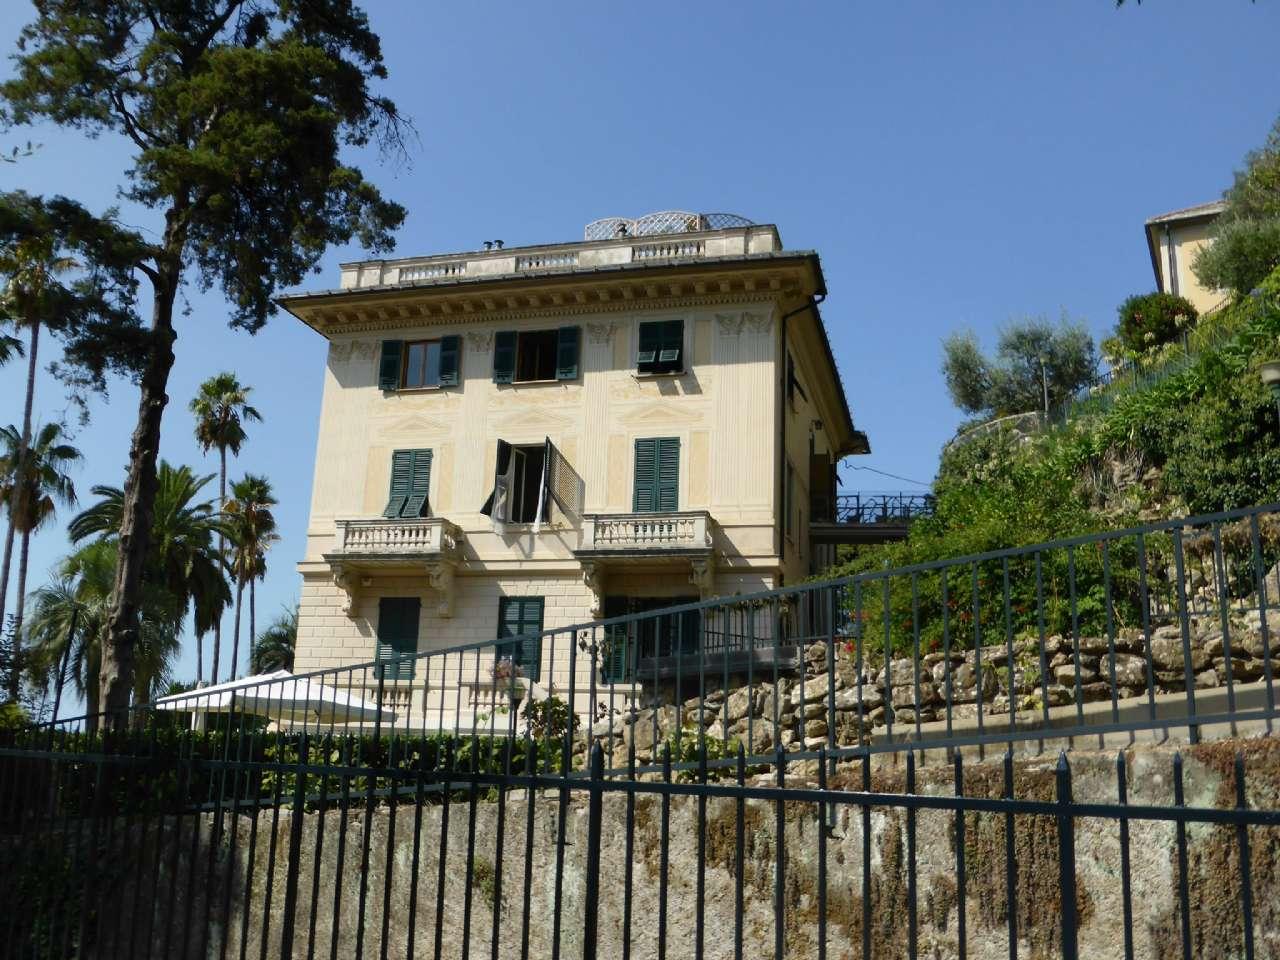 Leonardo immobiliare agenzia immobiliare a genova - Leonardo immobiliare ...